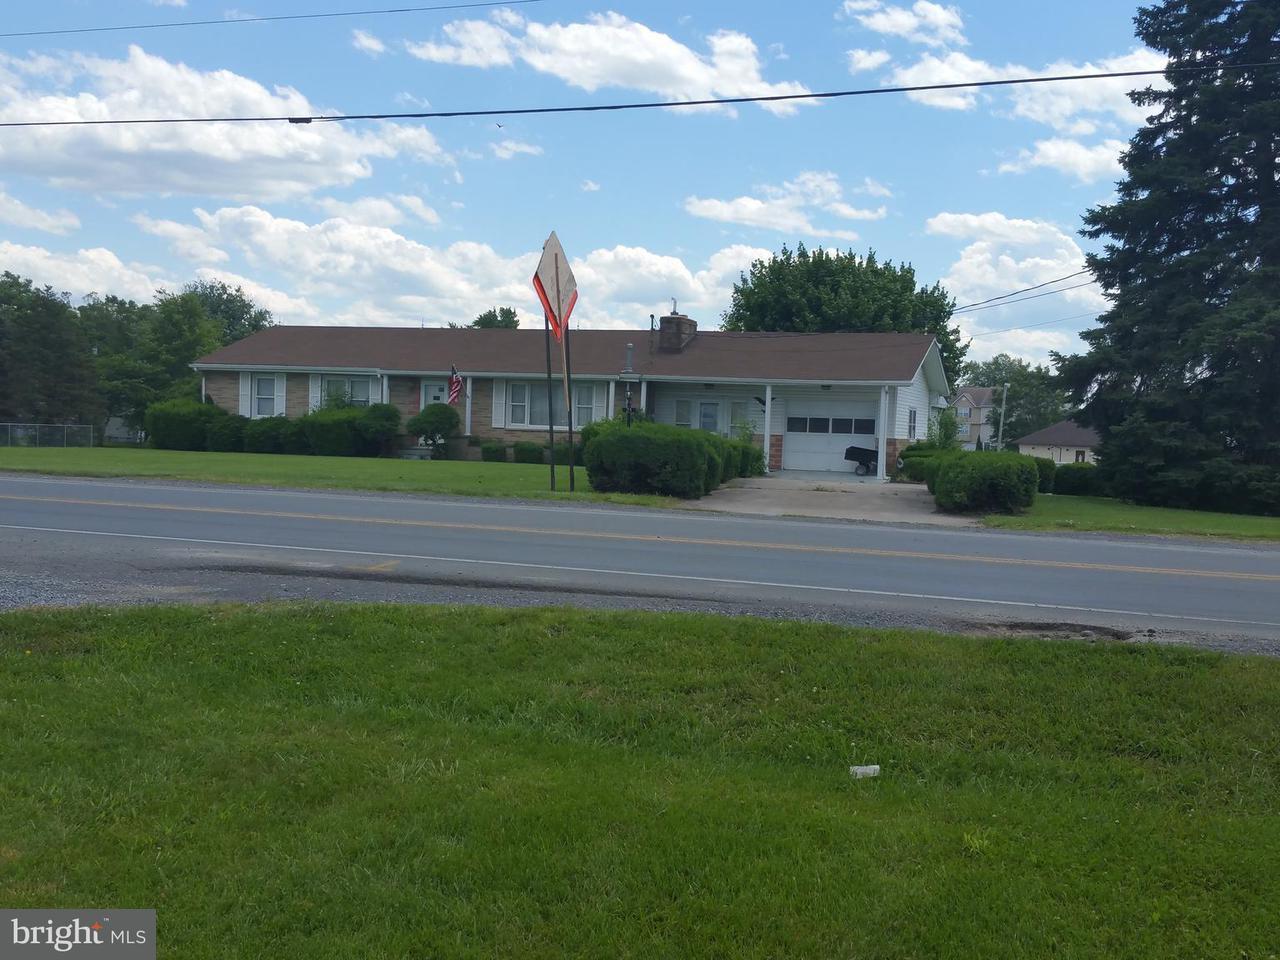 商用 のために 売買 アット 21 Pedal Car Drive 21 Pedal Car Drive Inwood, ウェストバージニア 25428 アメリカ合衆国